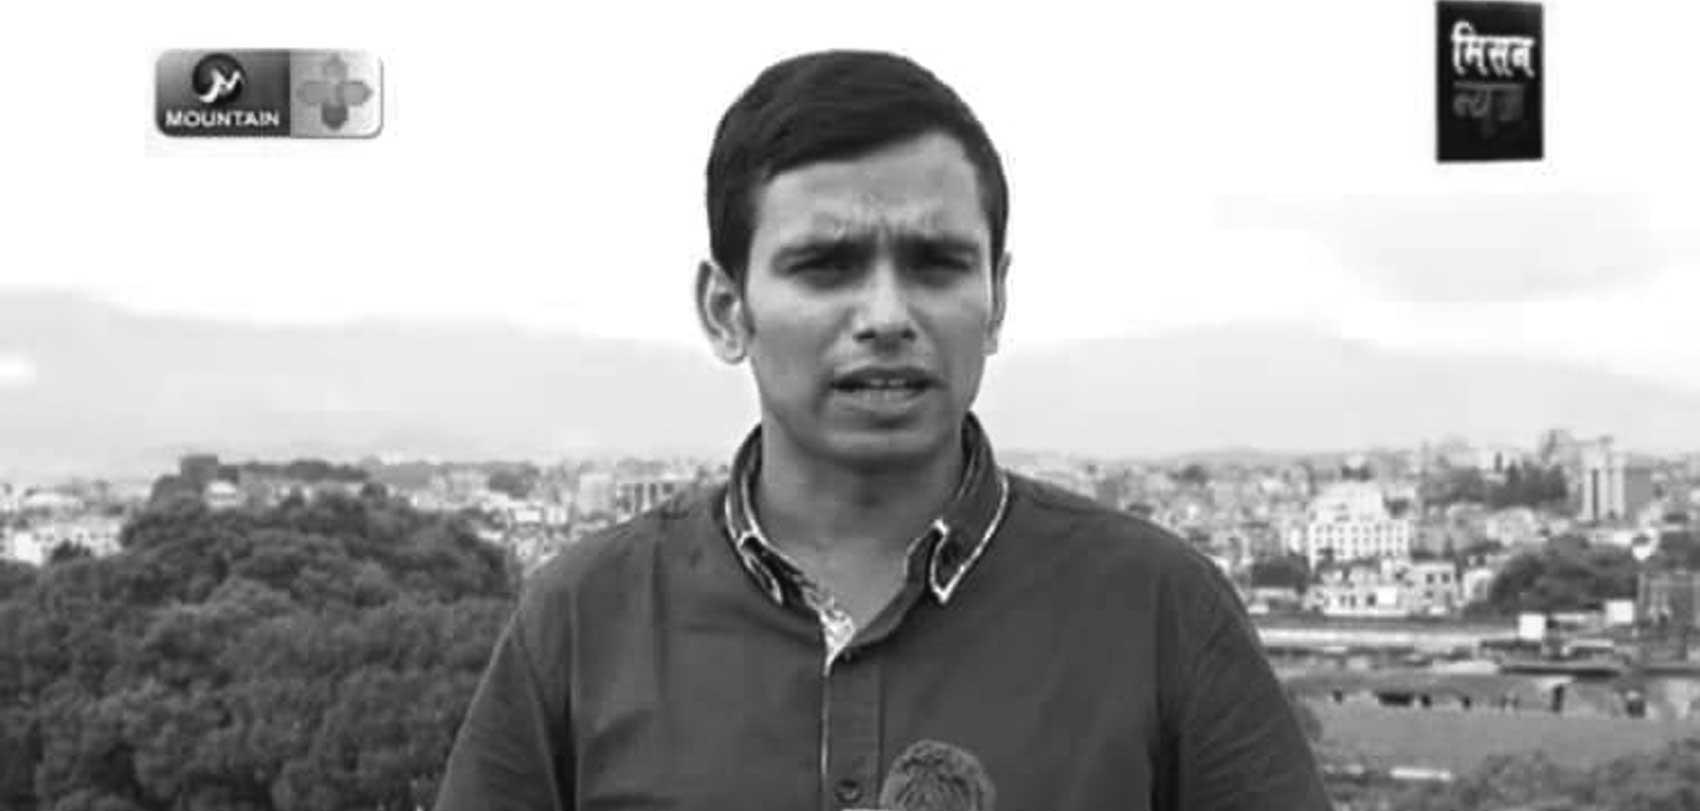 Journalist Pudasaini found dead in Chitwan